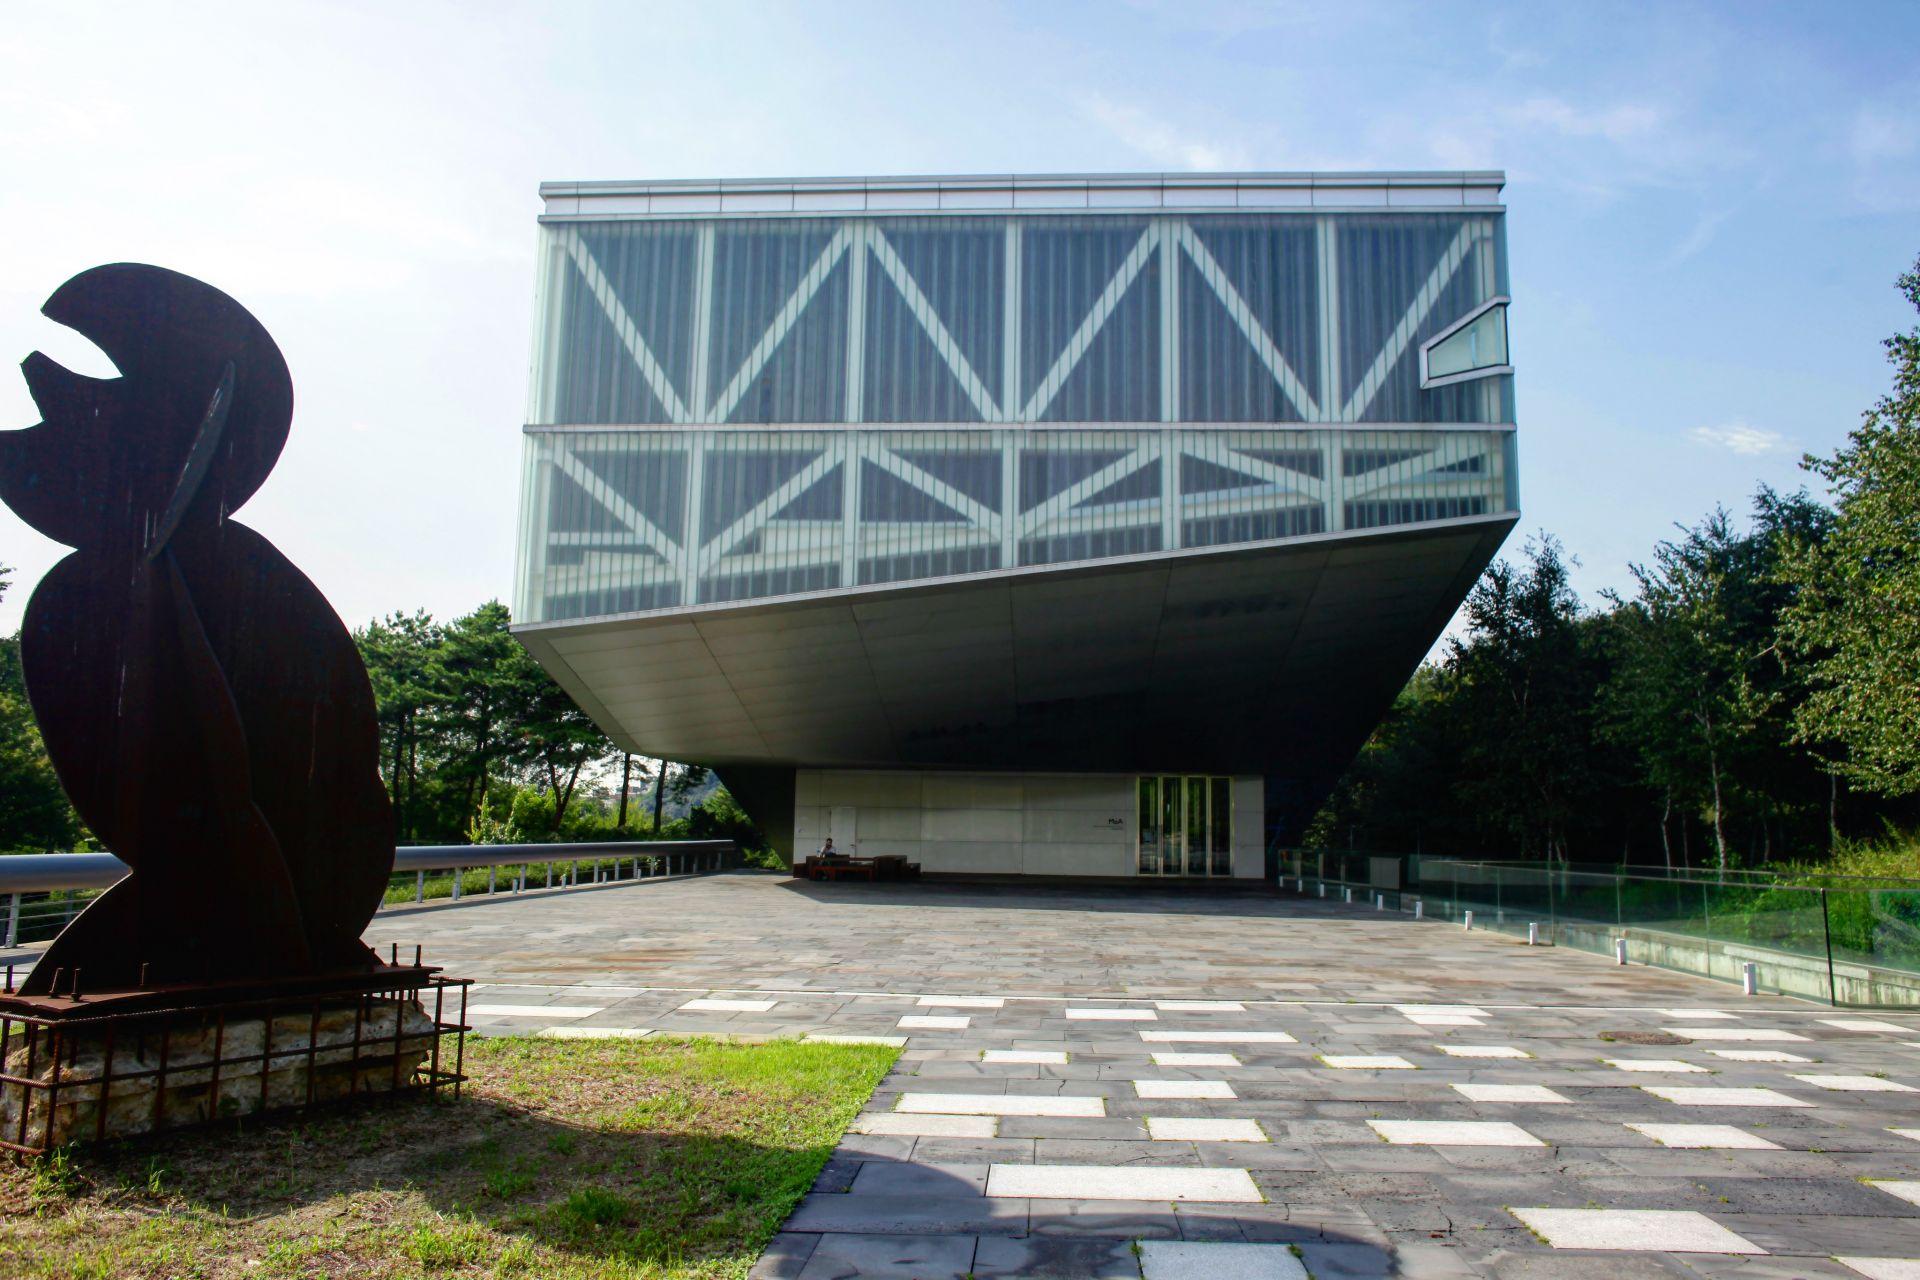 コールハースとヌーベル、マリオ・ボッタの3人の建築家による ...